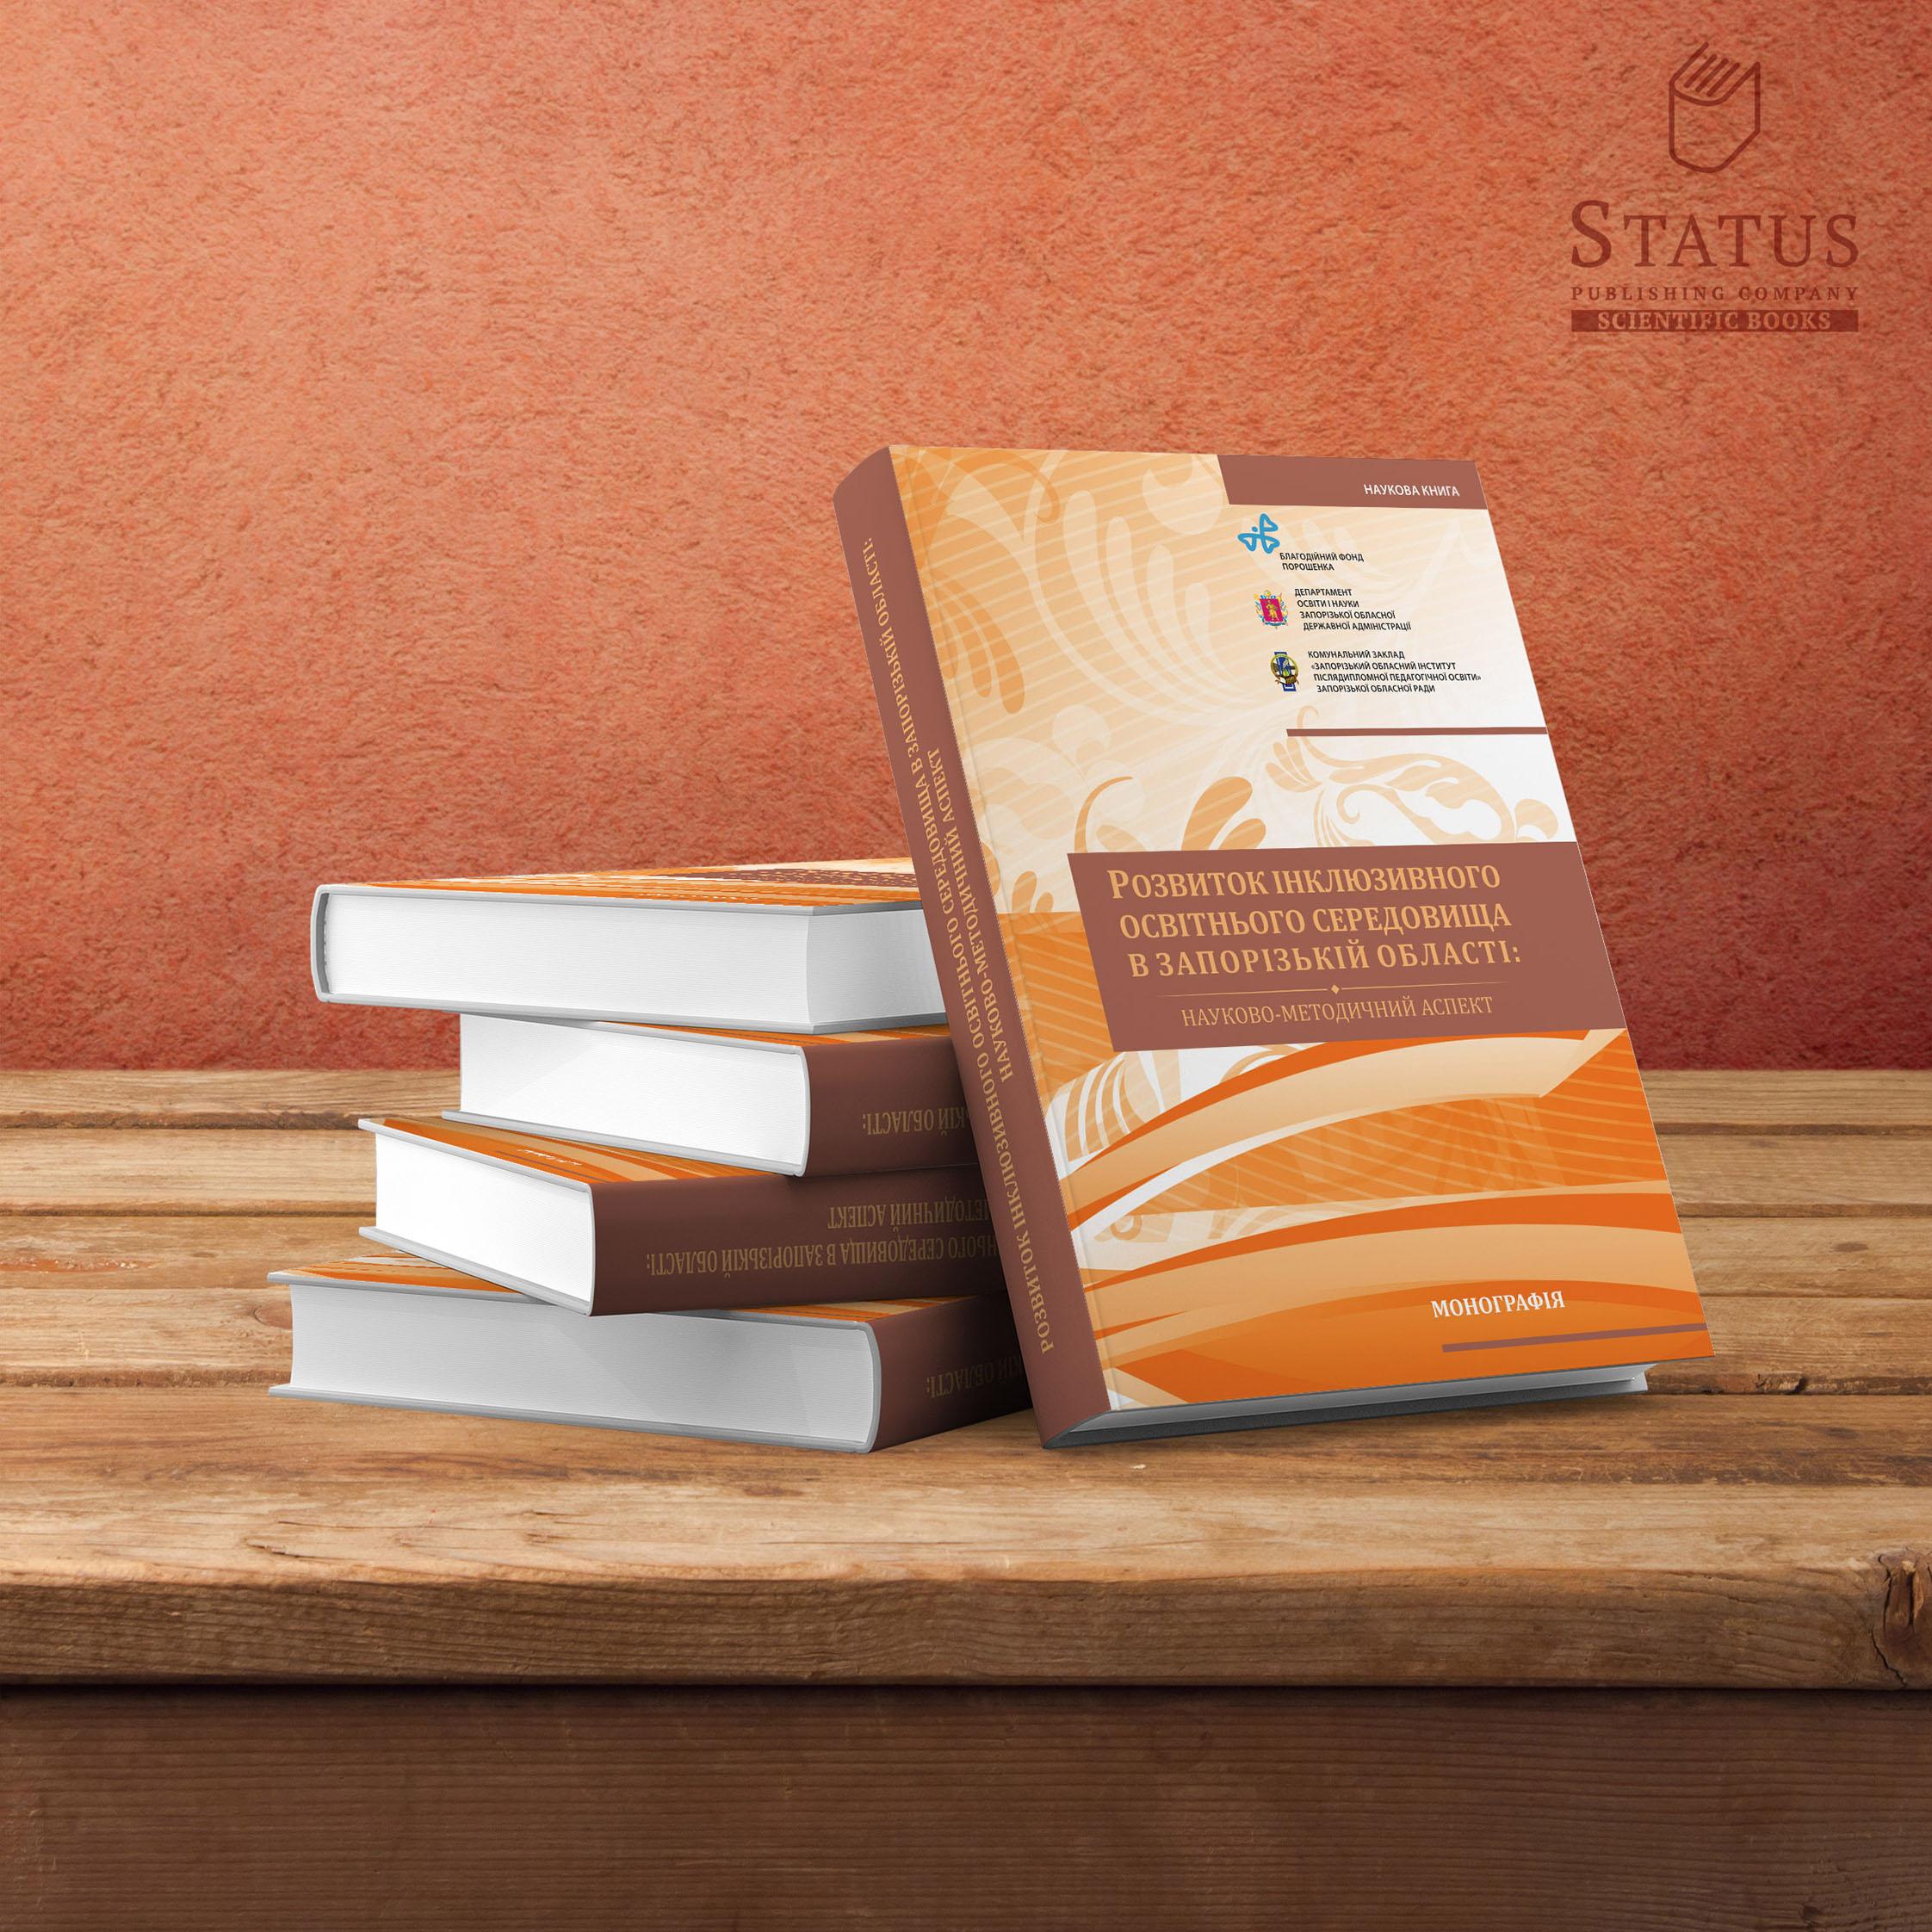 В Запорожье издаются научные книги по инклюзии в помощь педагогам всей Украины